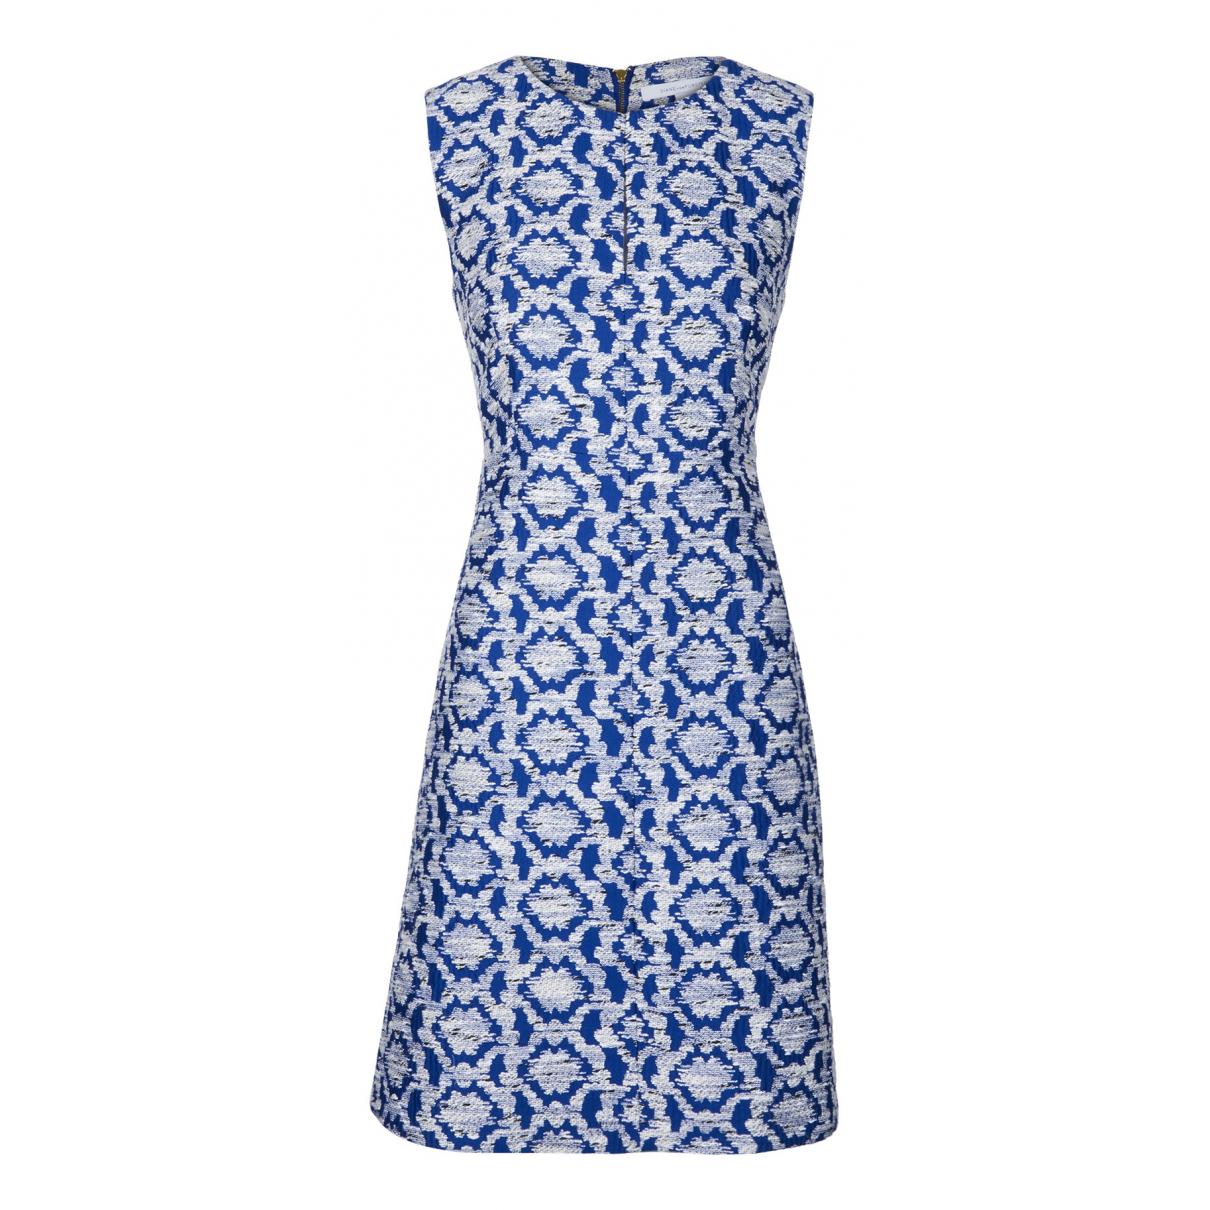 Diane Von Furstenberg \N Kleid in  Blau Viskose